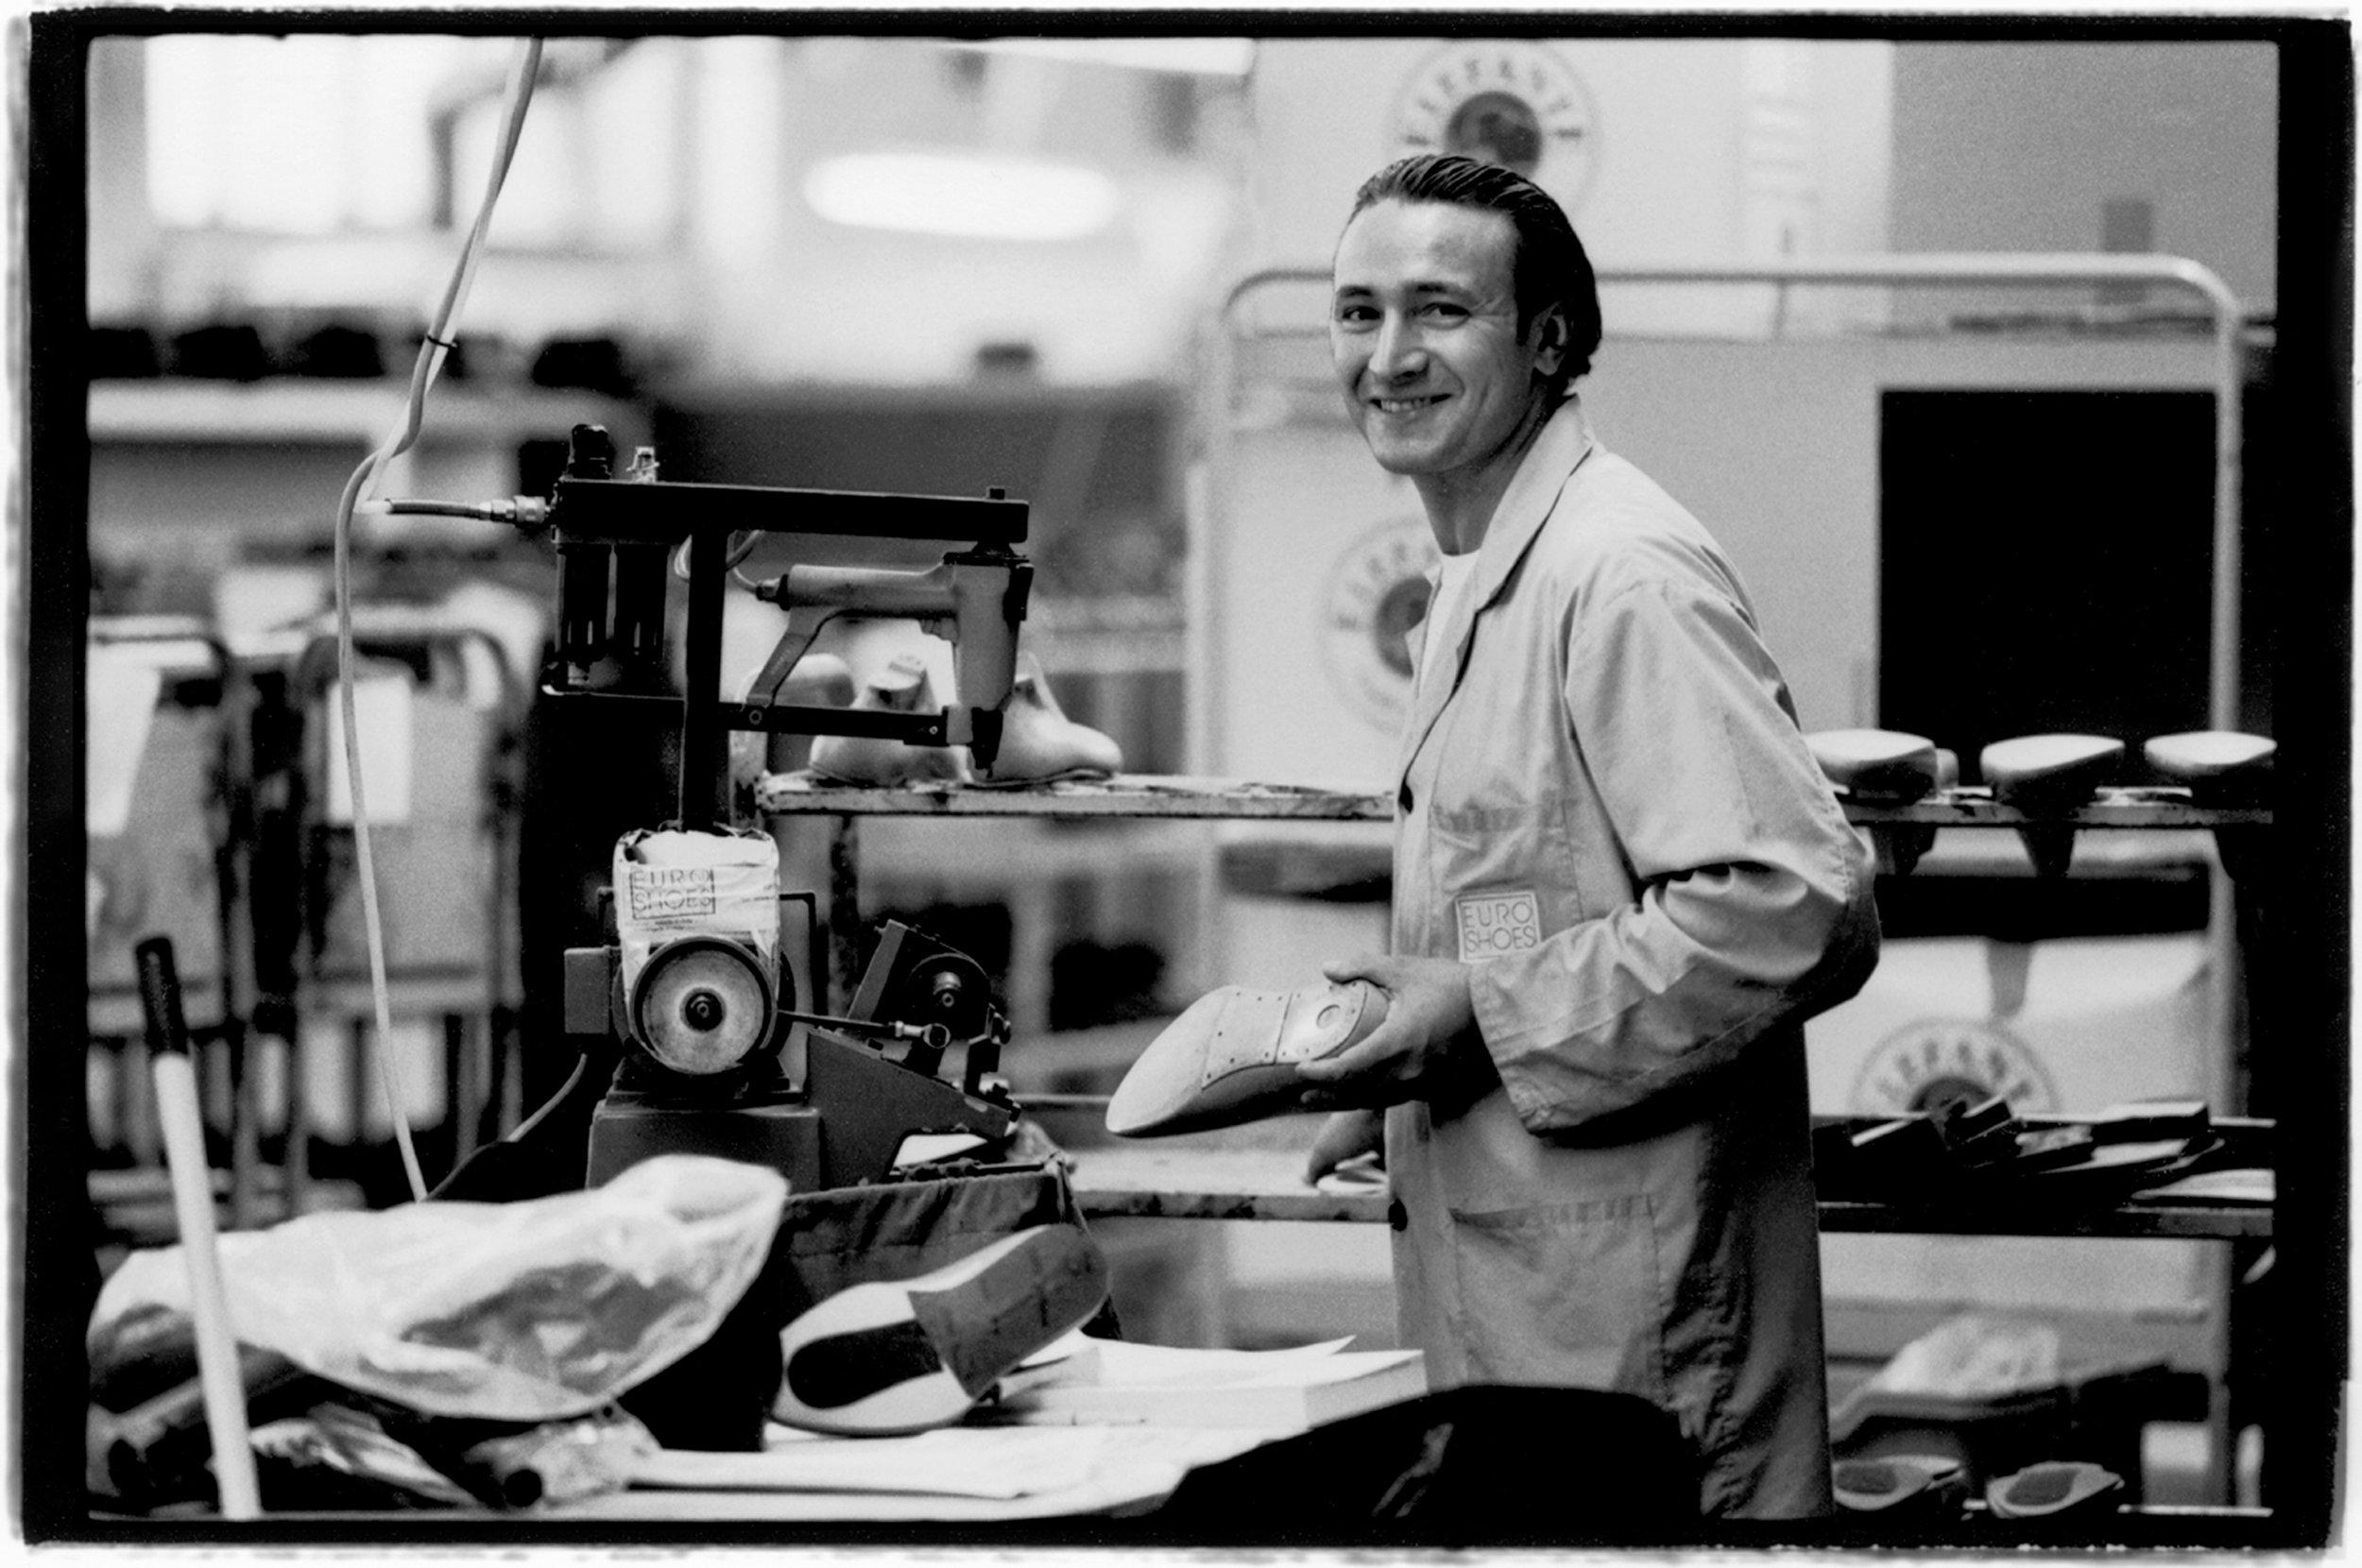 msc smiling worker.jpg